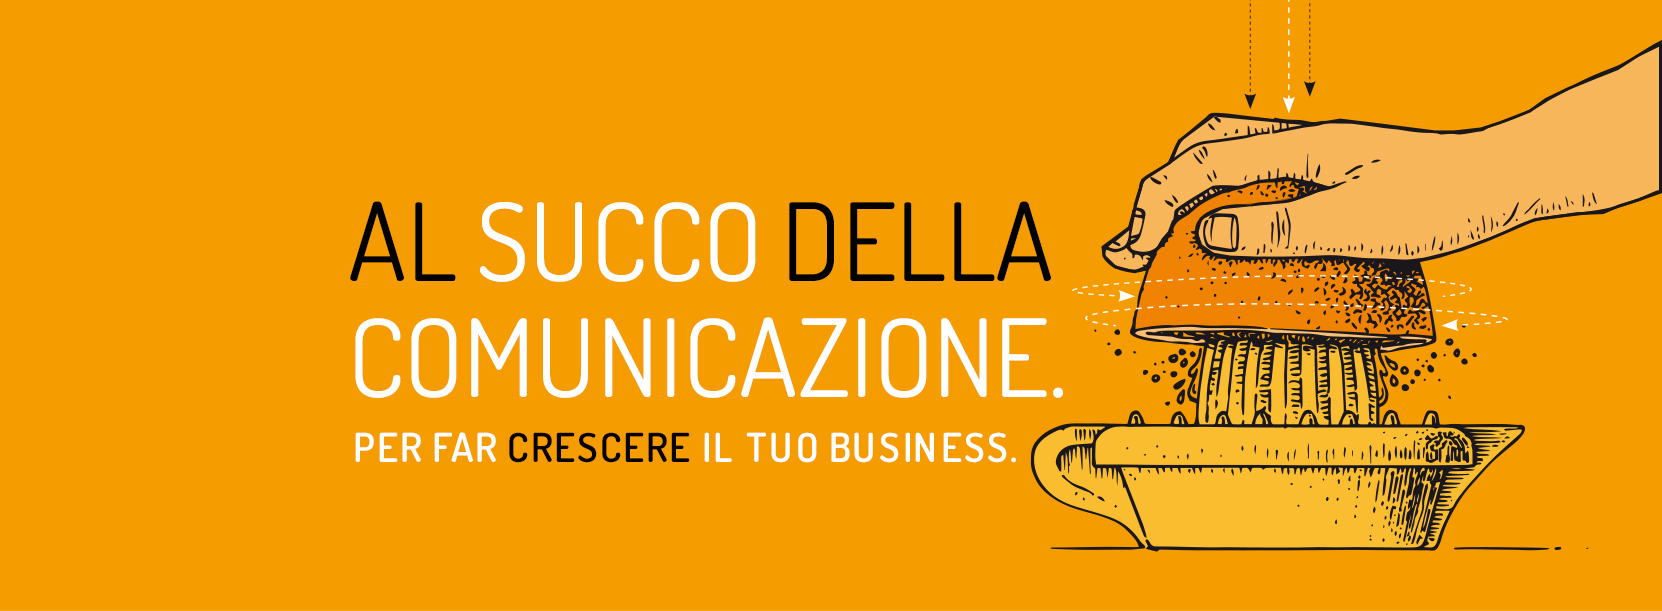 Al succo della comunicazione. Per far crescere il tuo business.